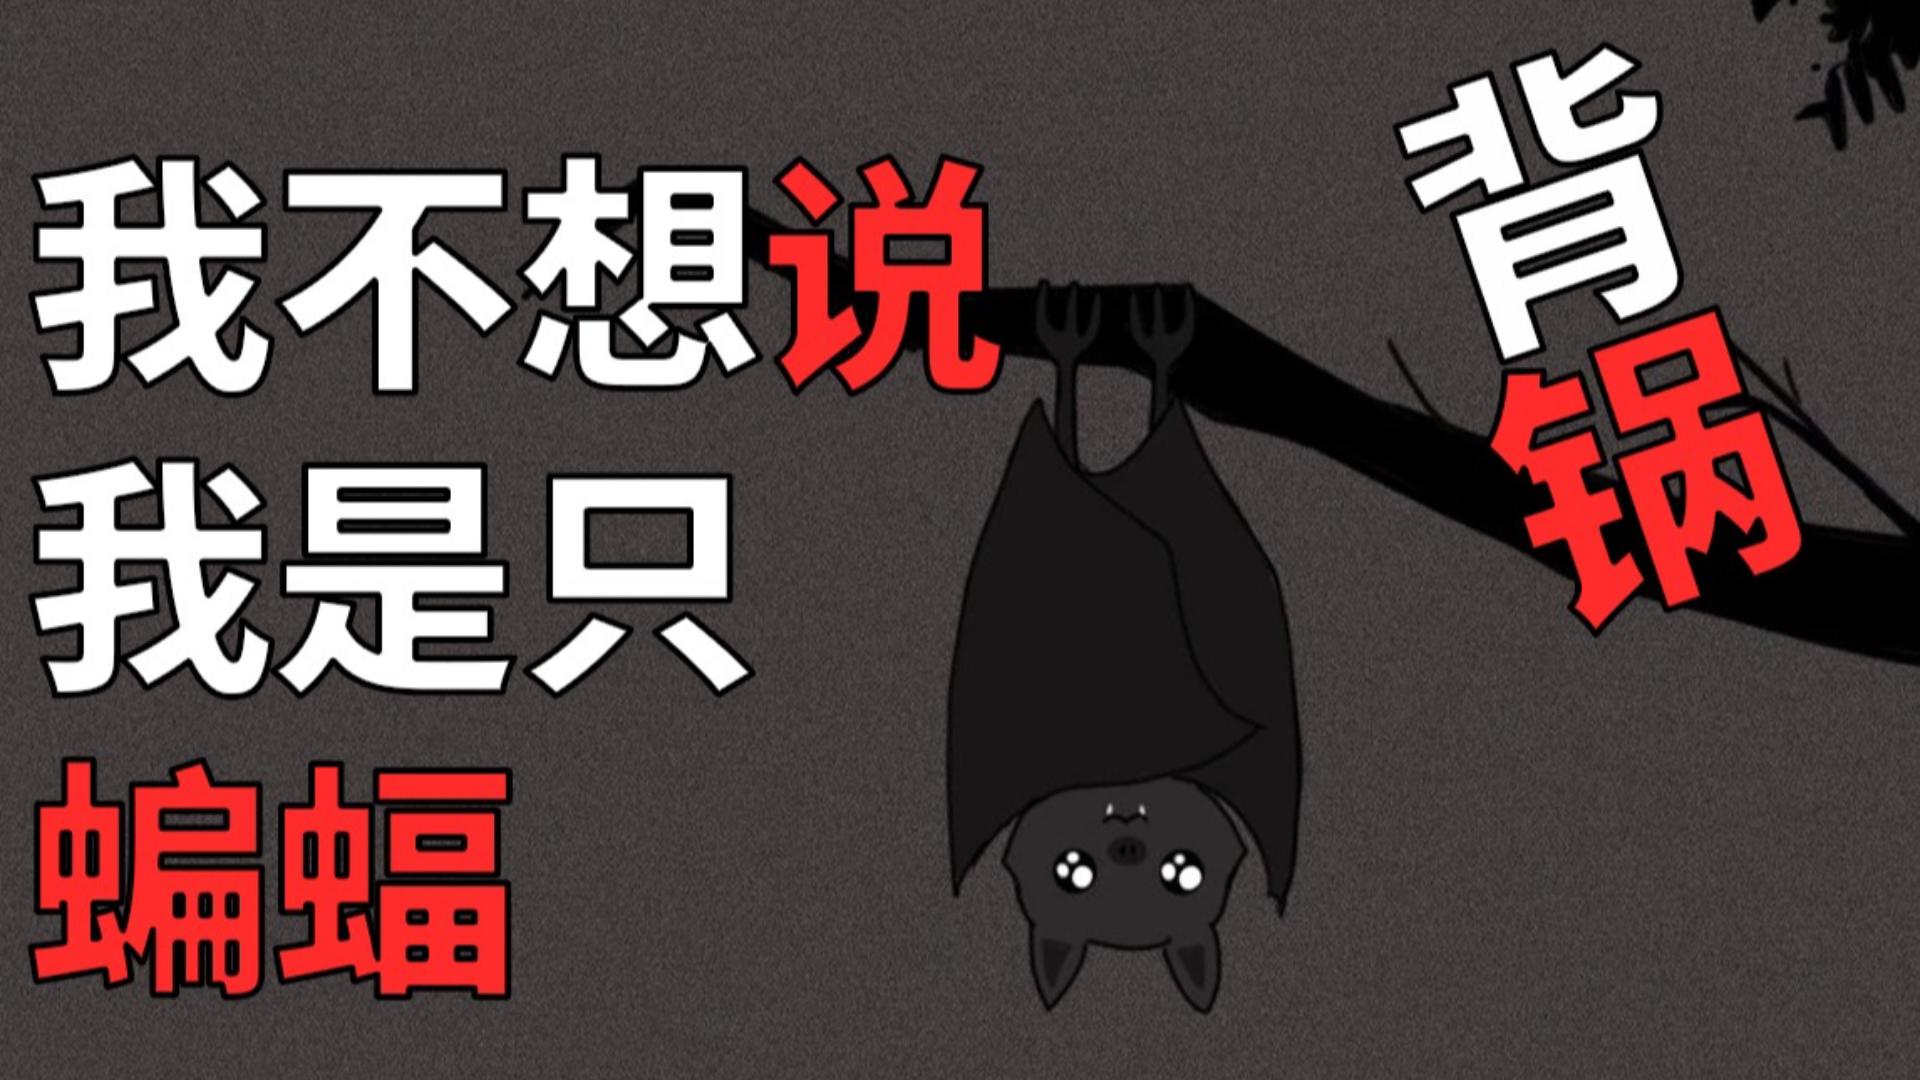 【抗击肺炎】一只蝙蝠的自述 我也很无奈